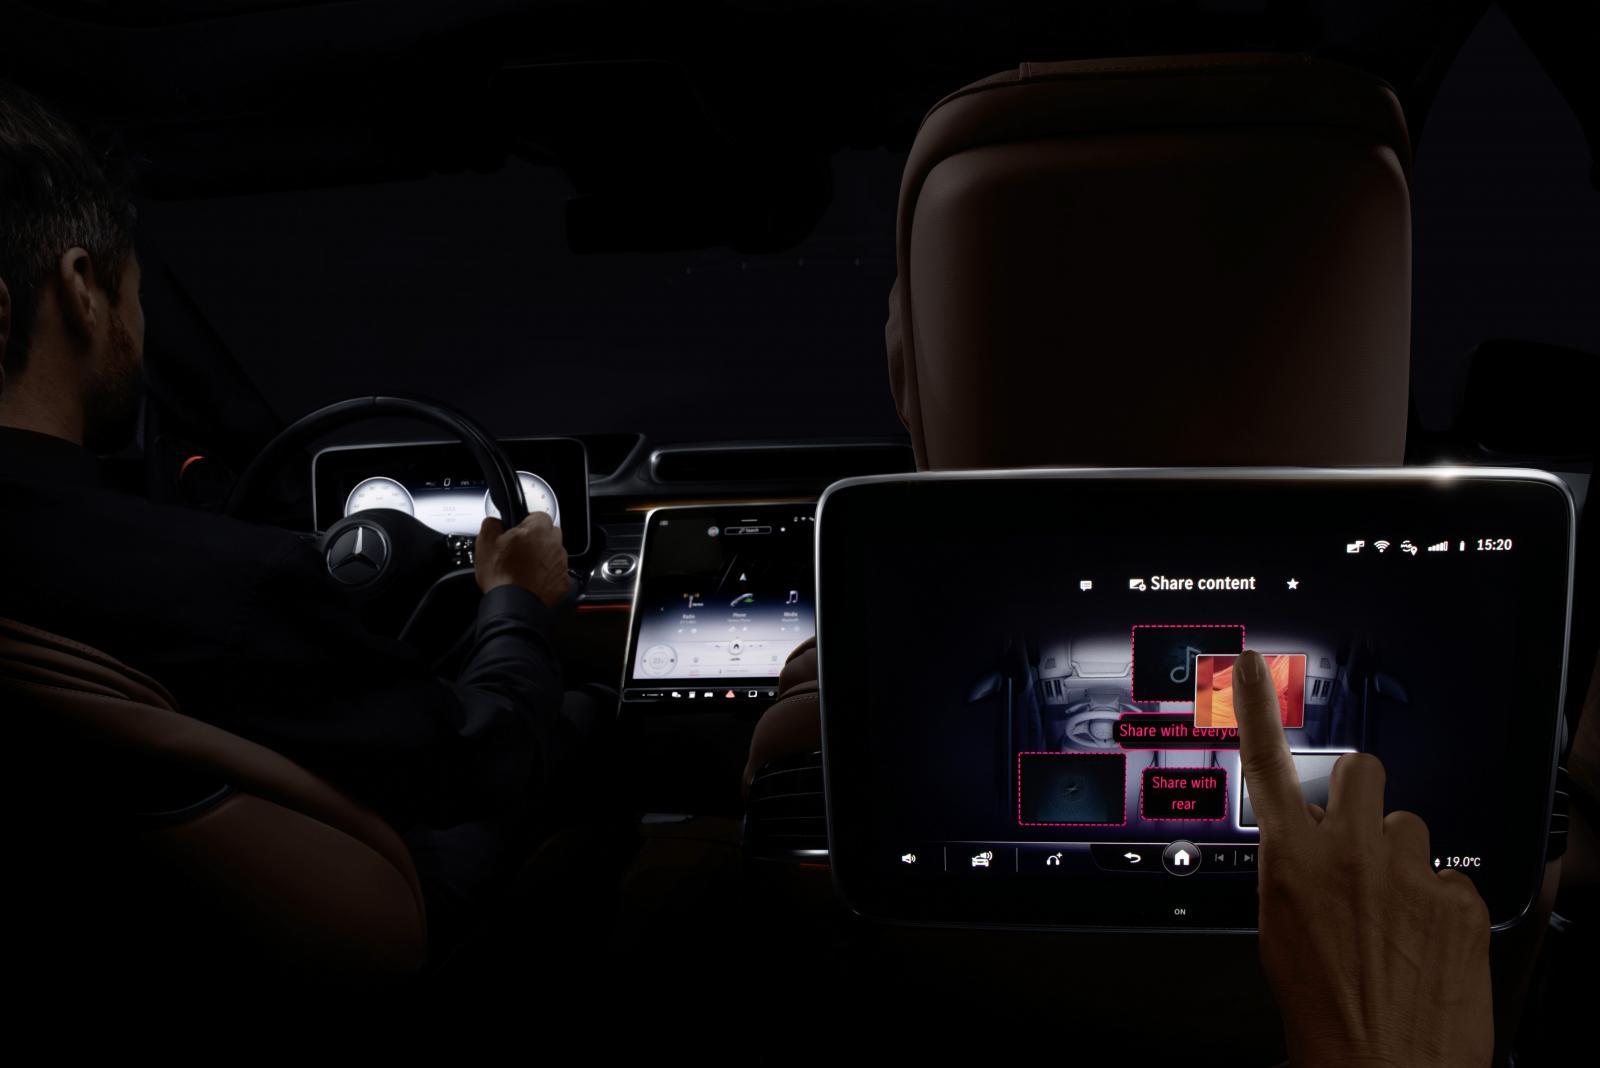 Mercedes nya infotainmentsystem har även en funktion där föraren kan skicka över vissa saker från framsätet till passagerare i baksätet. På så sätt kan till exempel ett telefonsamtal skickas över till en passagerare.